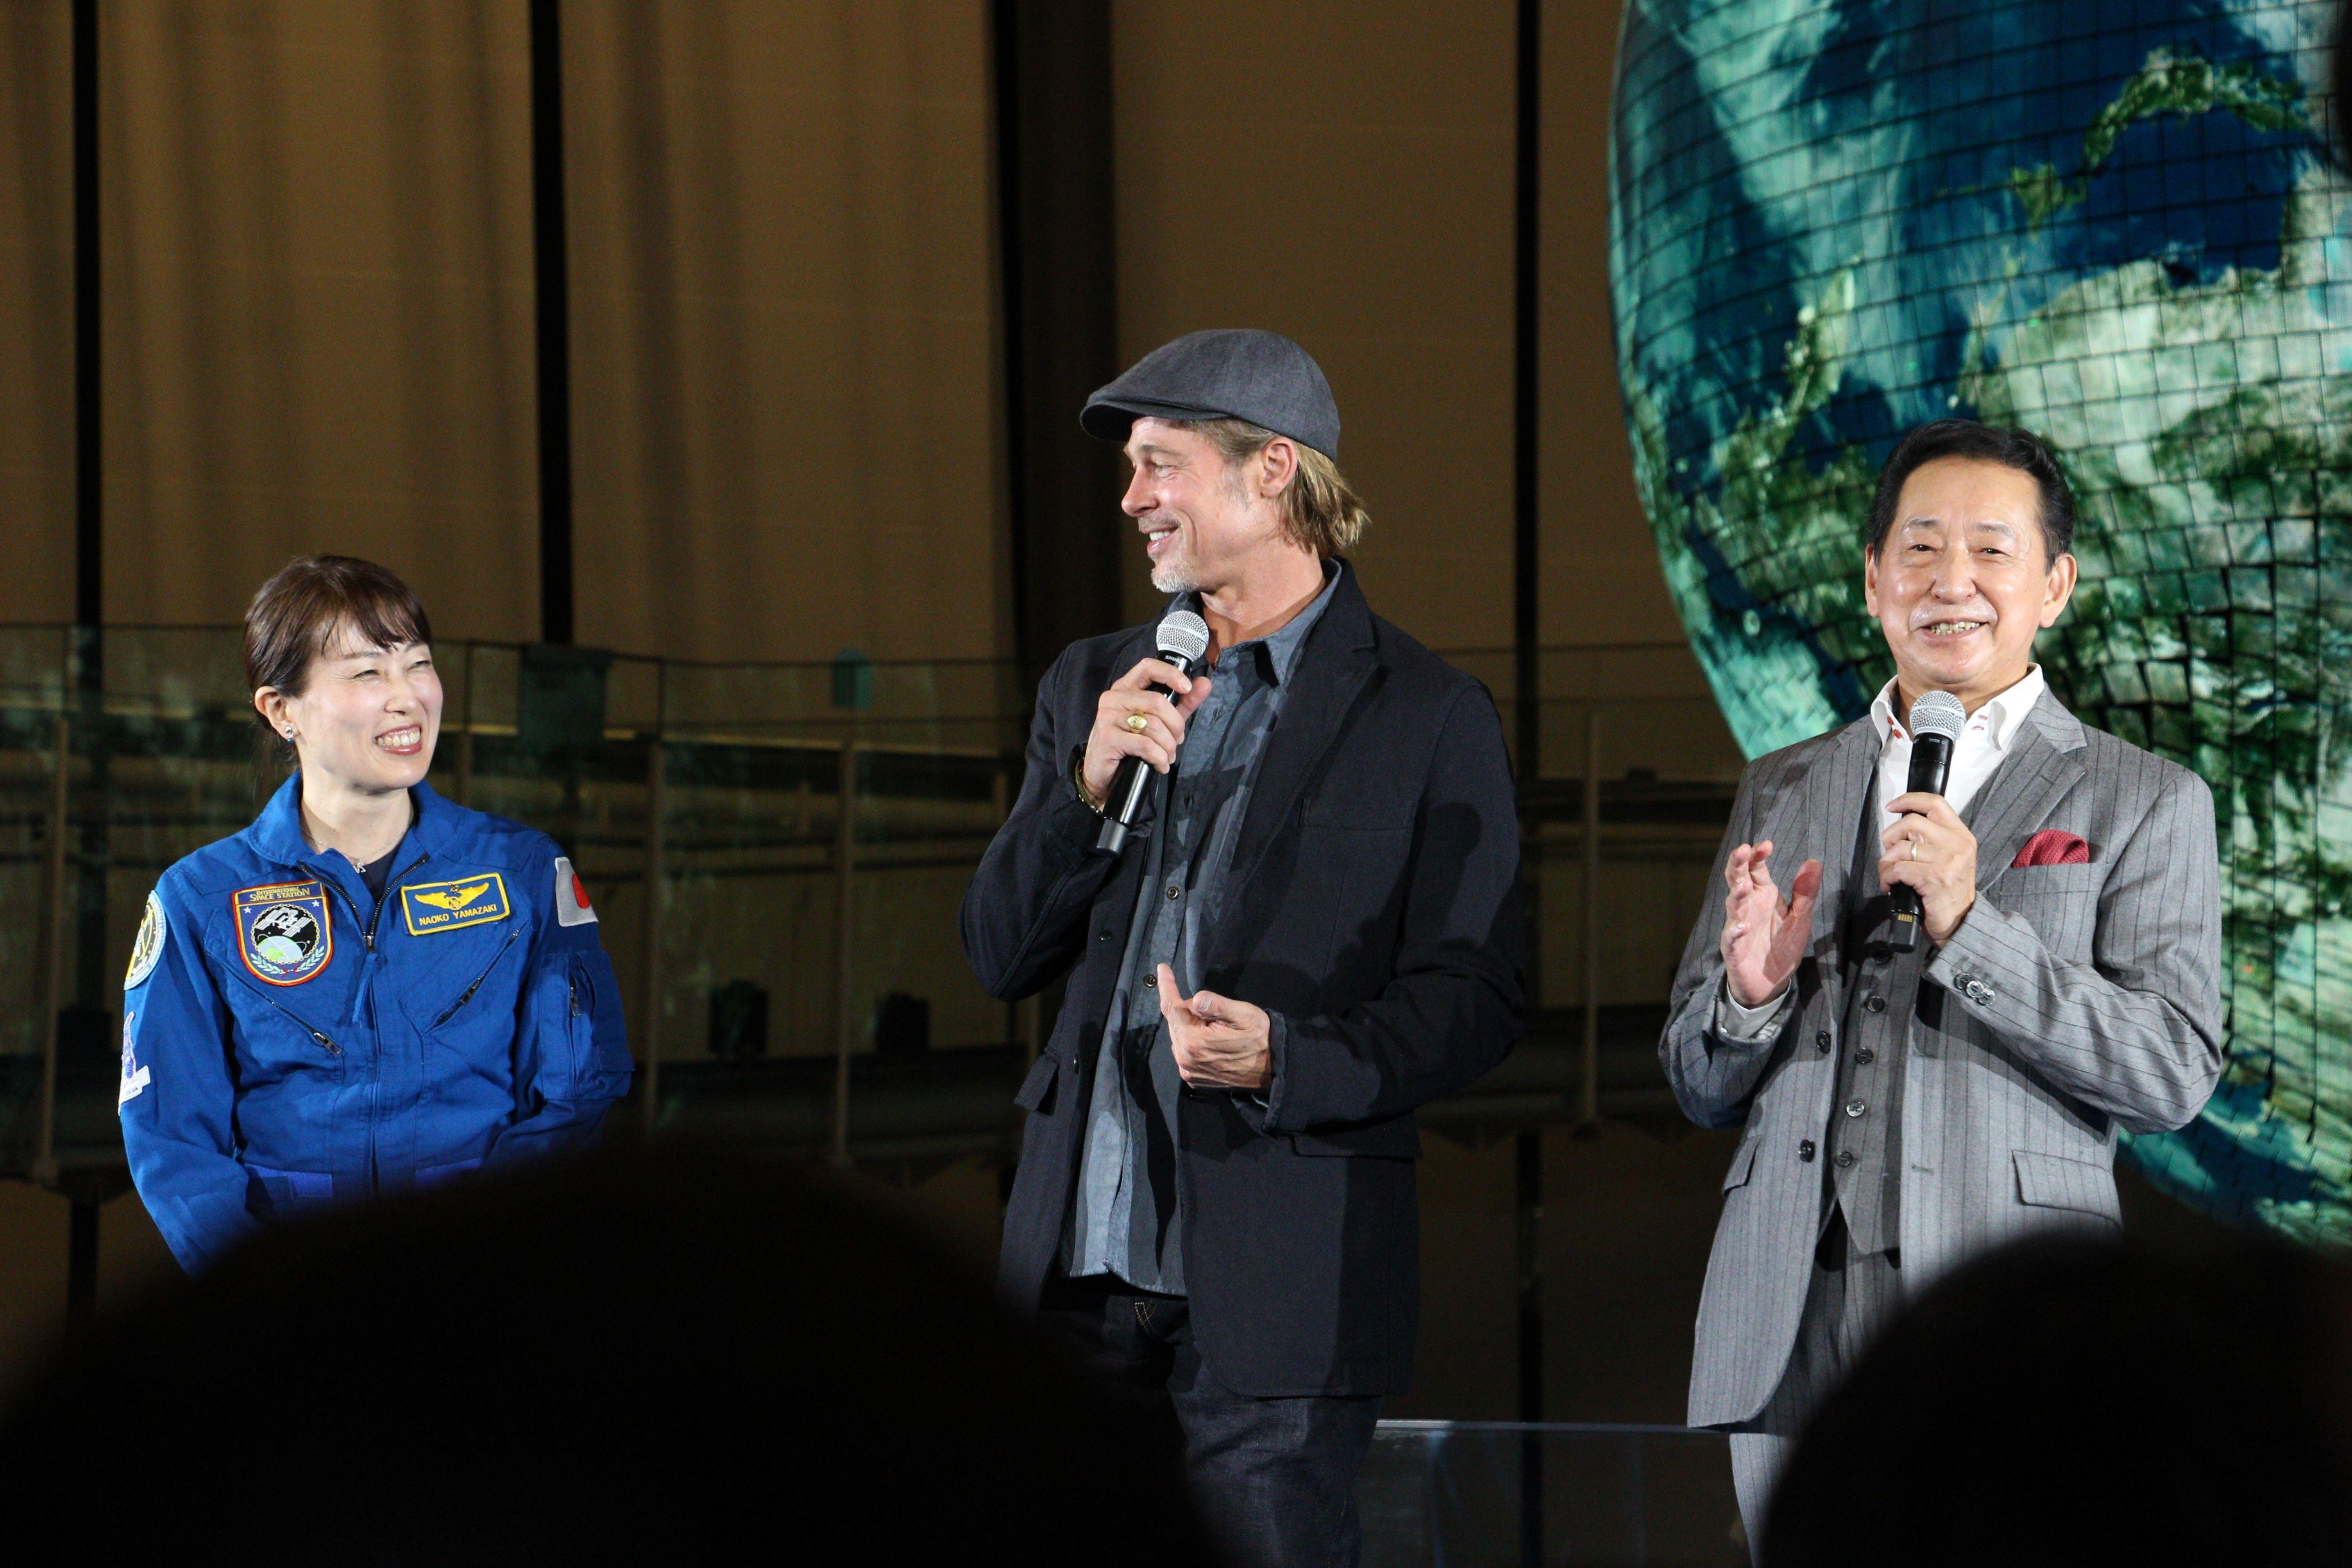 左から、山崎直子氏、ブラッド・ピット、毛利衛氏